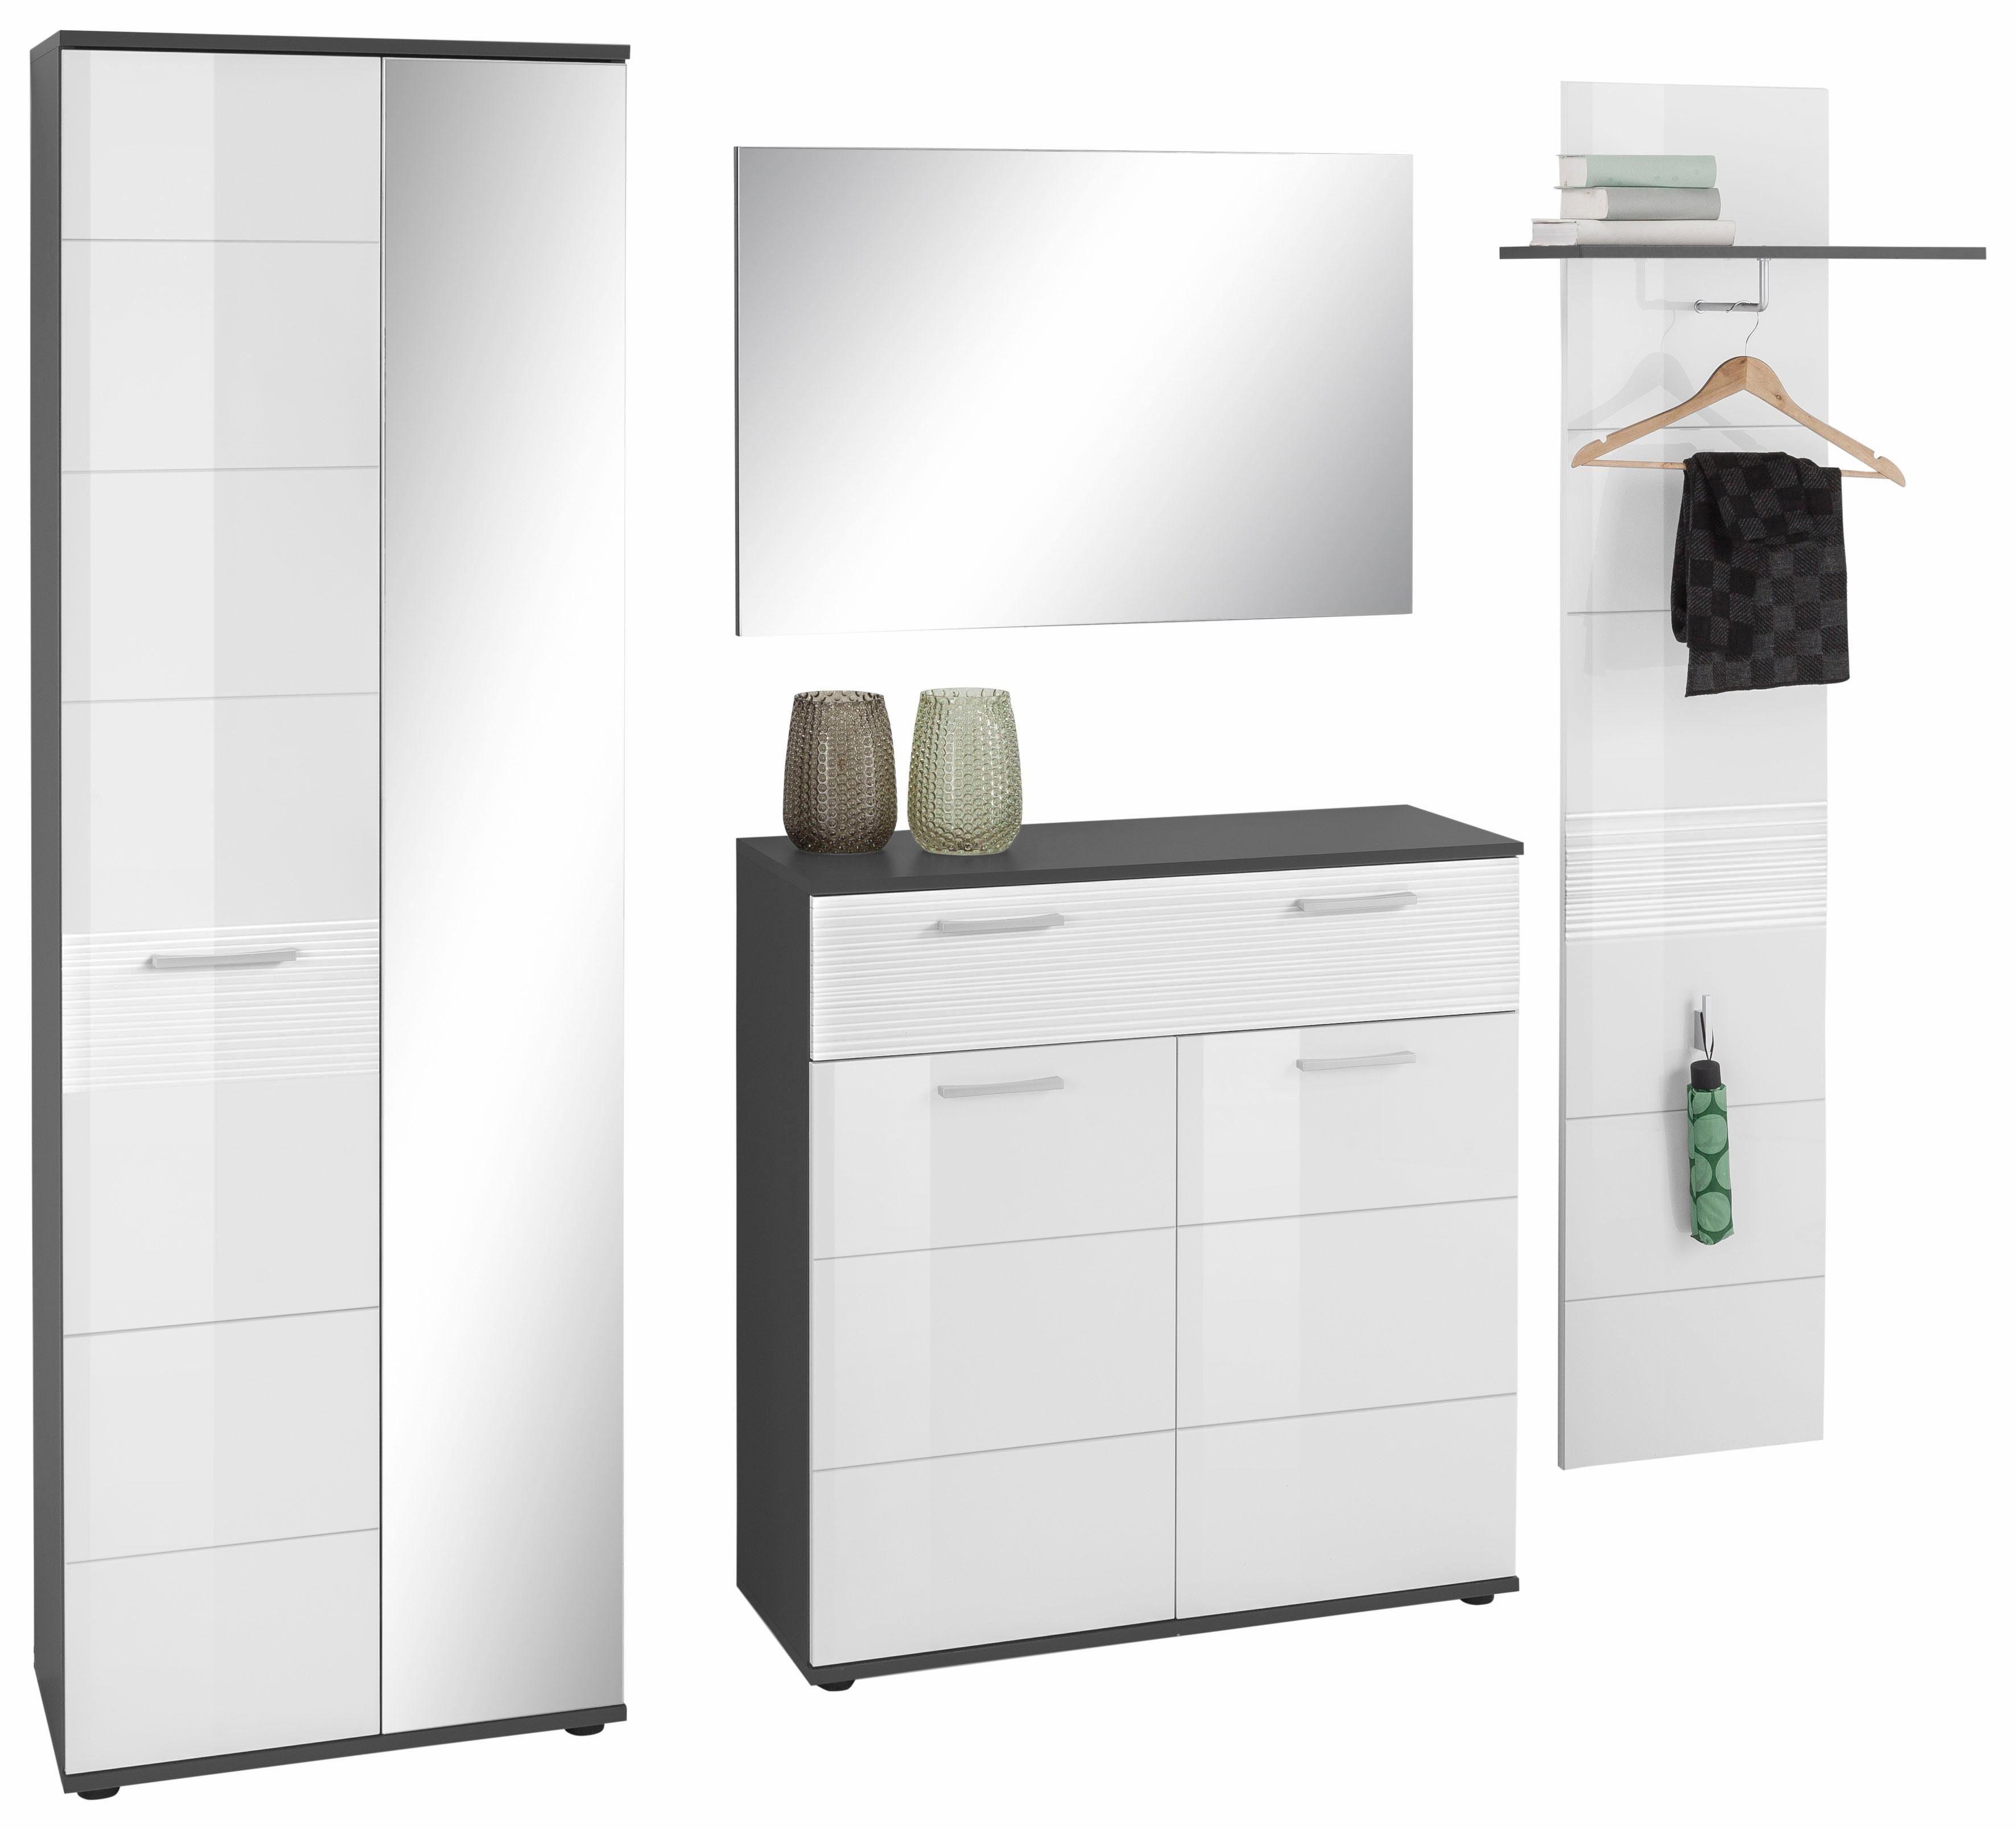 Garderoben Set »Smart« 4 tlg. online kaufen   OTTO